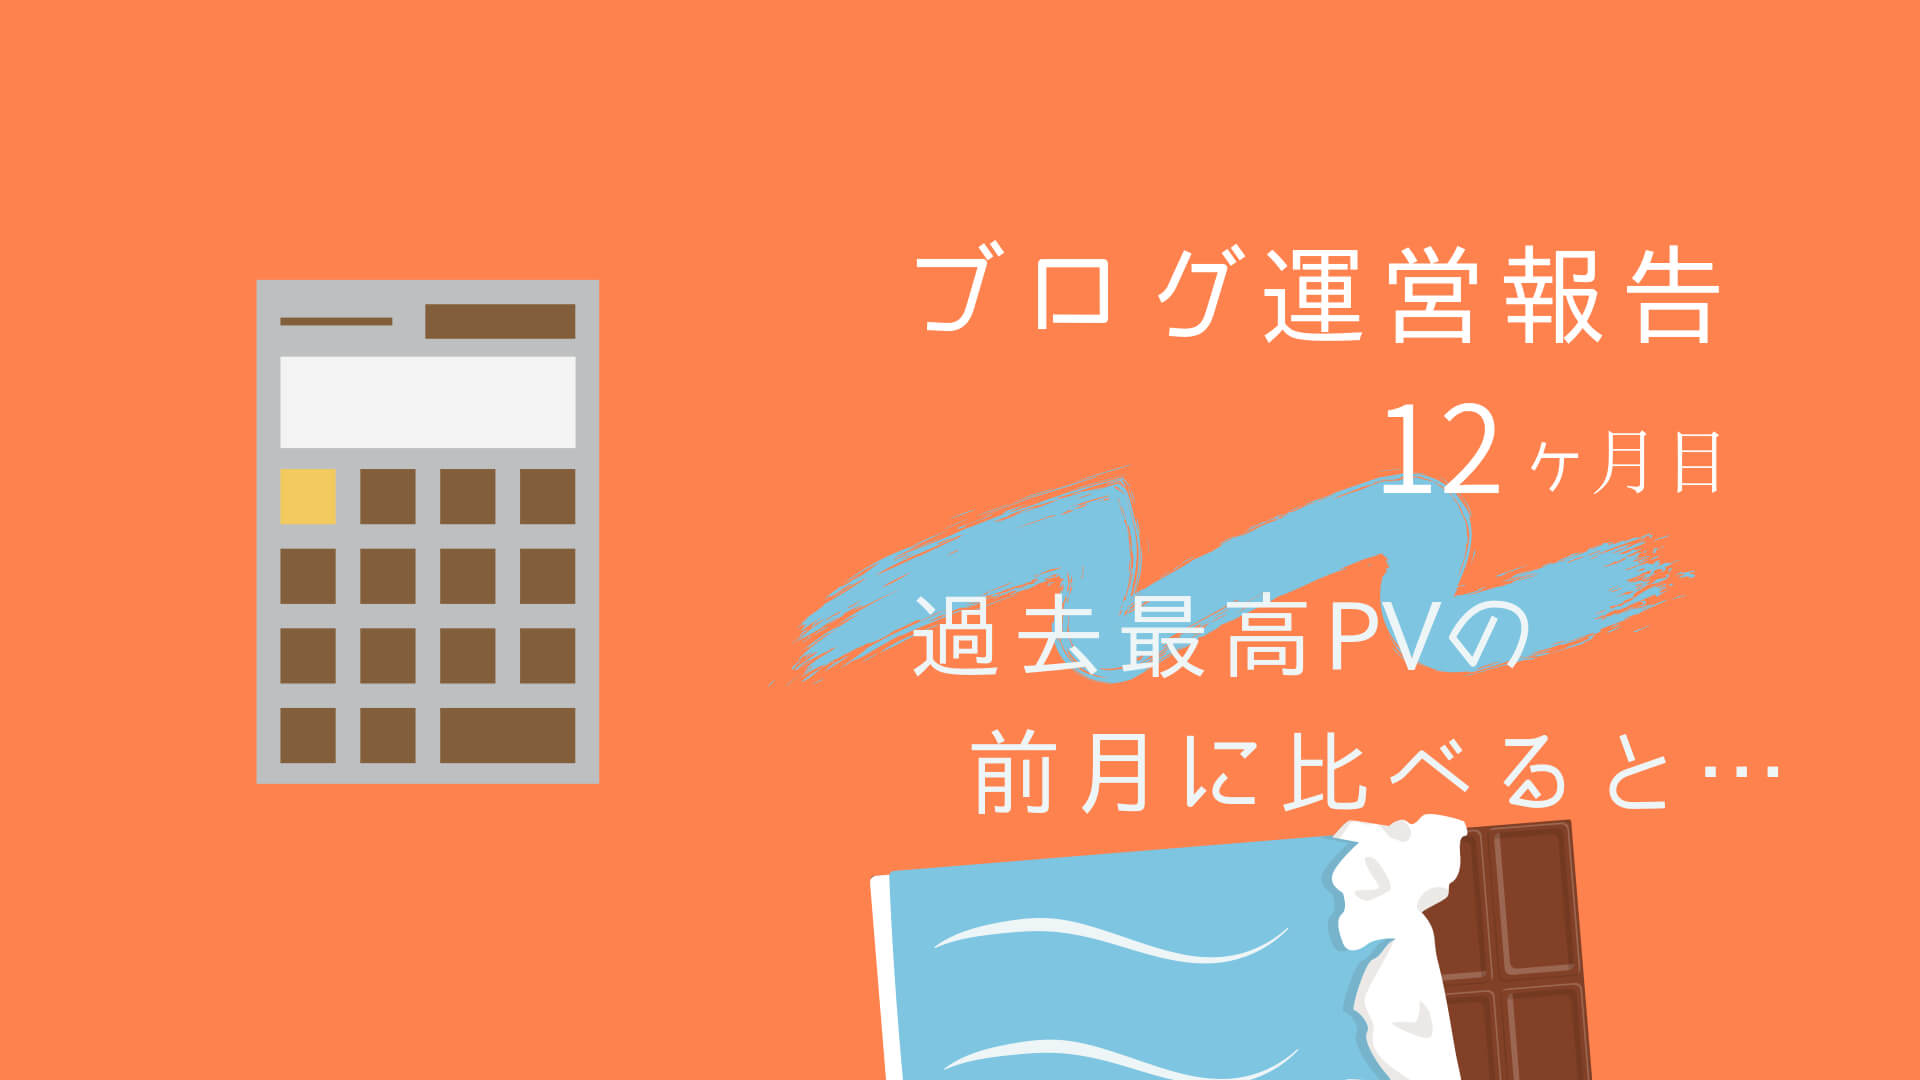 ブログ運営報告 月間5,000PV アクセス数